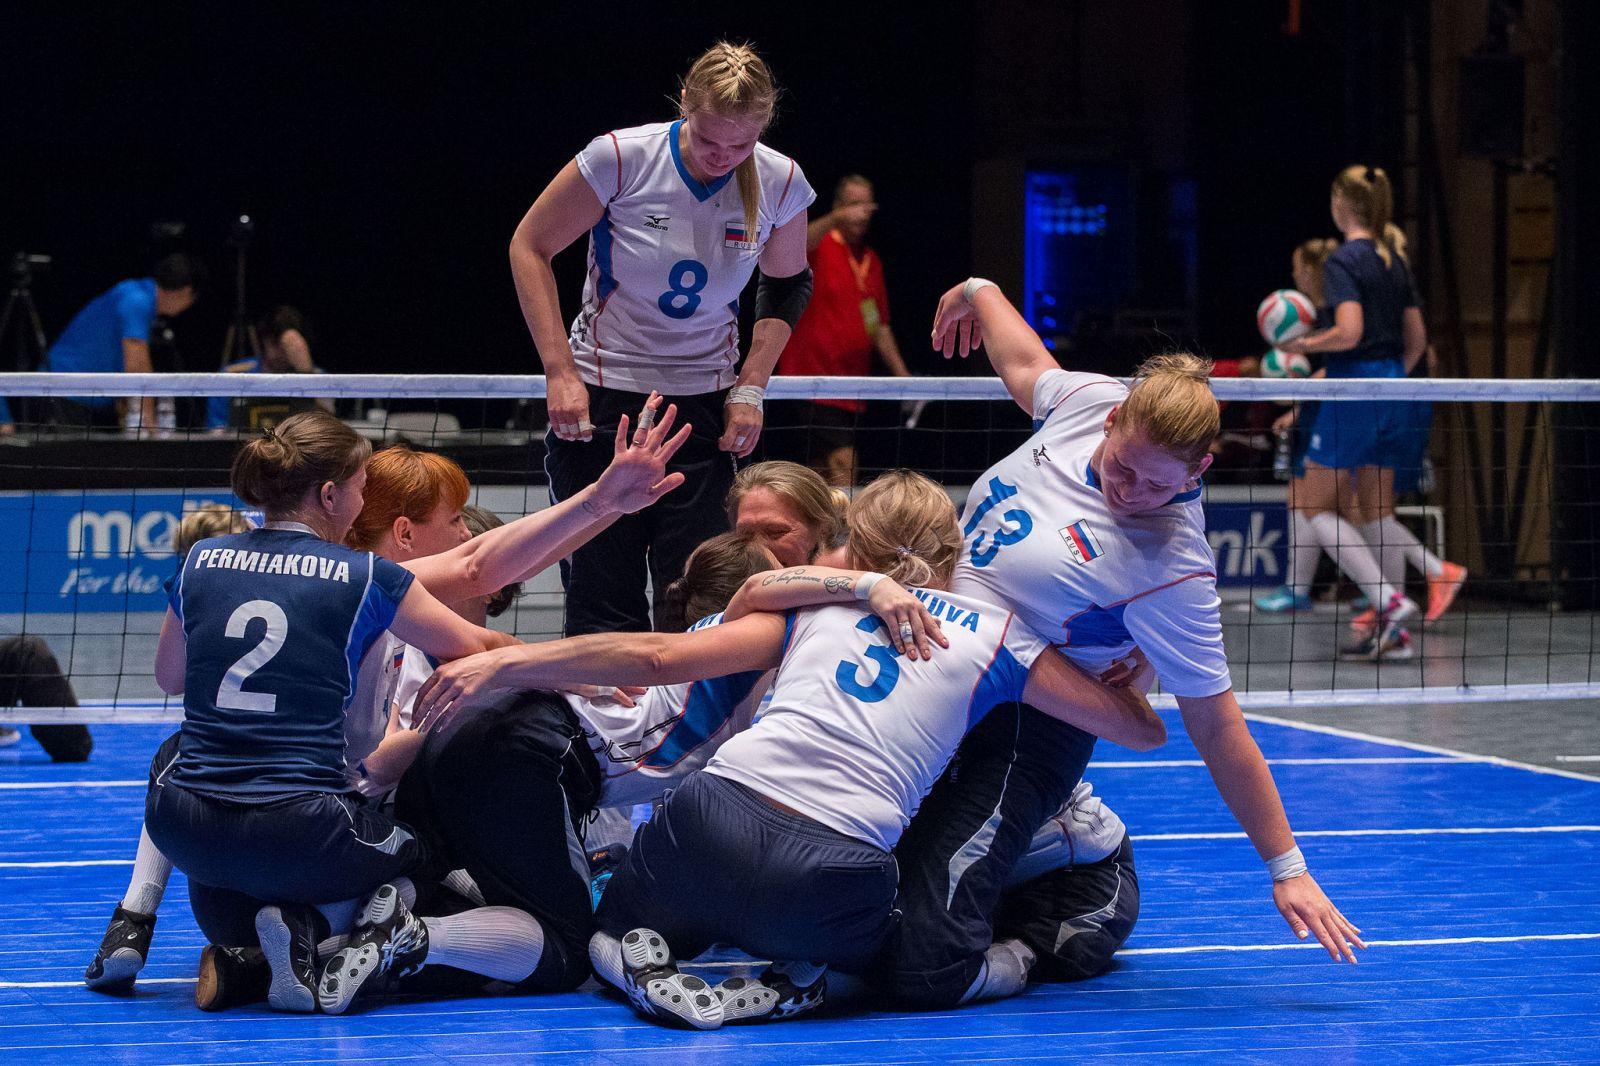 Женская сборная команда России по волейболу сидя обыграла сборную Бразилии в четвертьфинале чемпионата мира